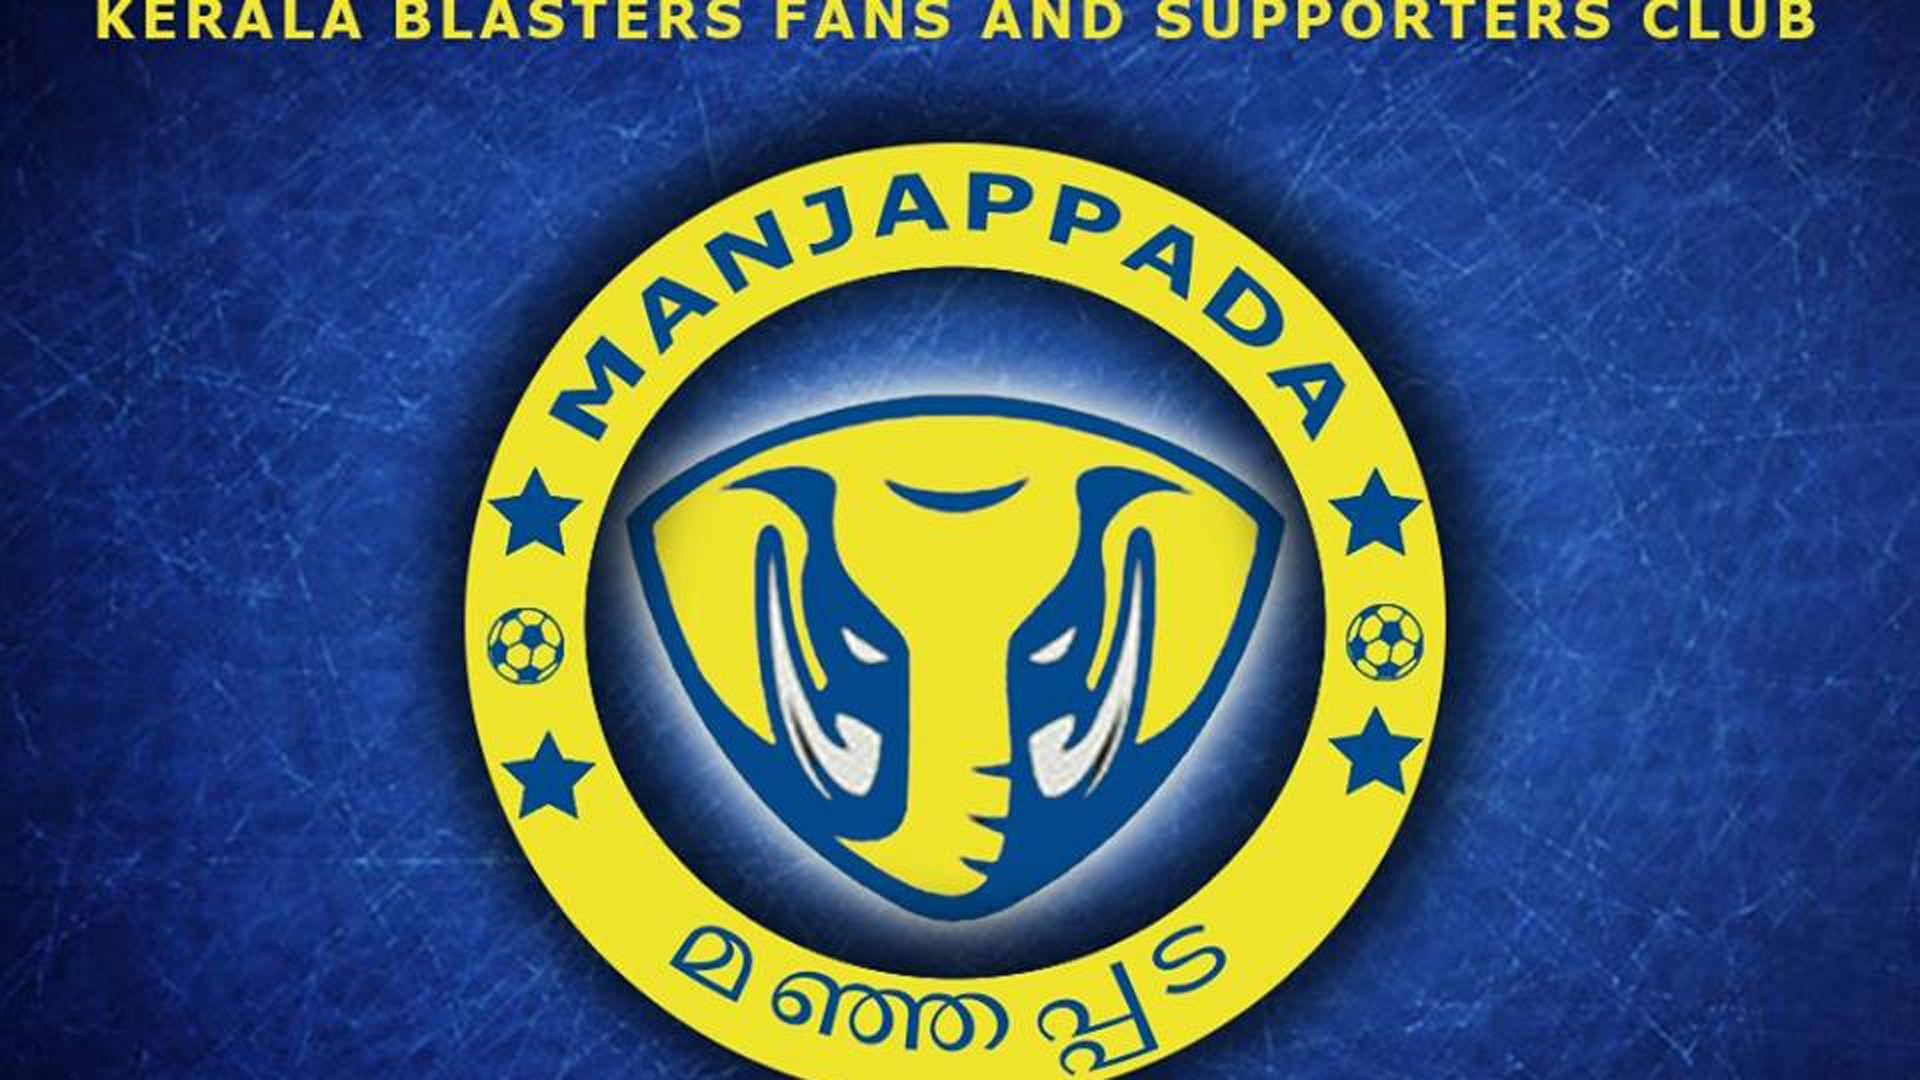 Kerala Blasters Fan Group Manjappada Win fan Club   St John 1920x1080